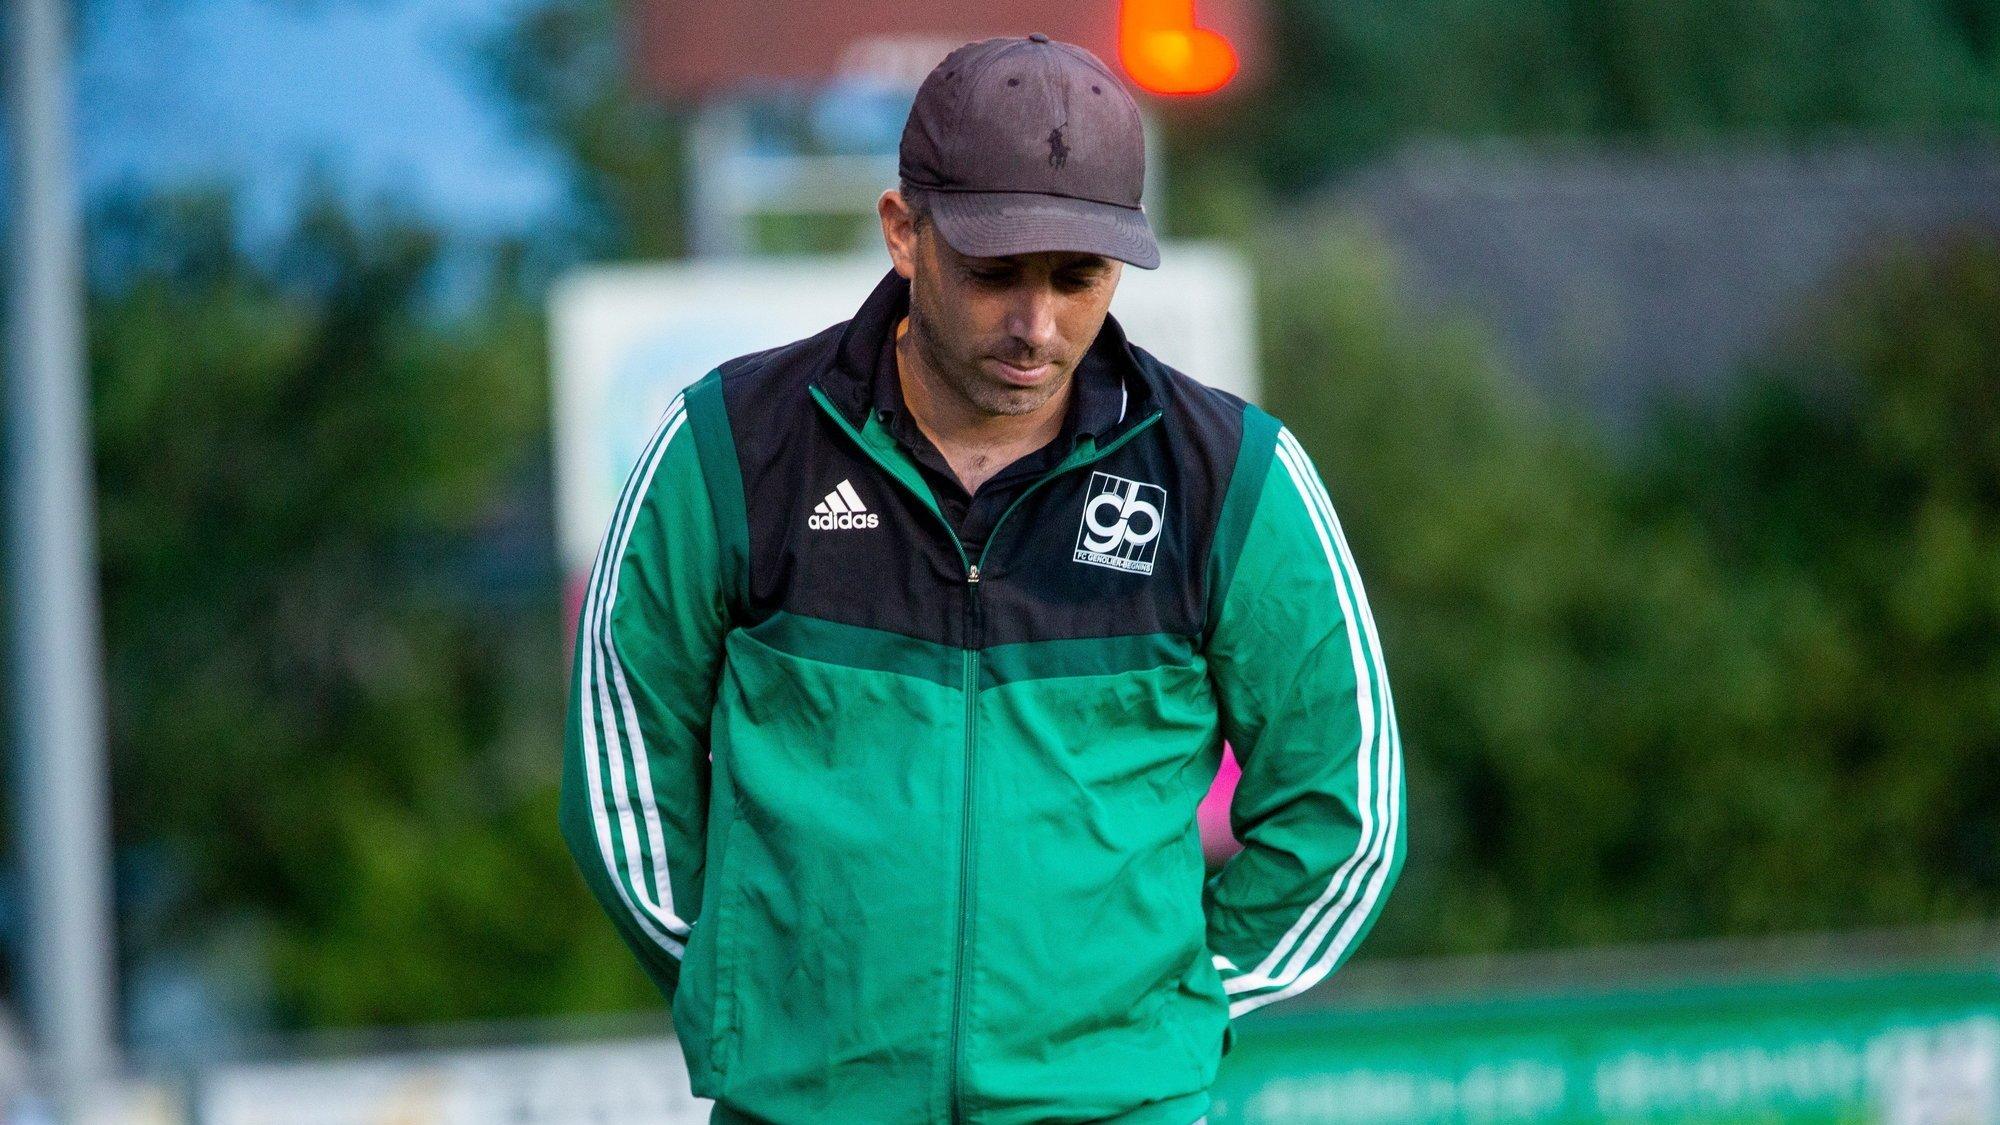 Après avoir ramené le club en 2e ligue inter, il y a trois ans, Virgile Joly préfère se retirer.